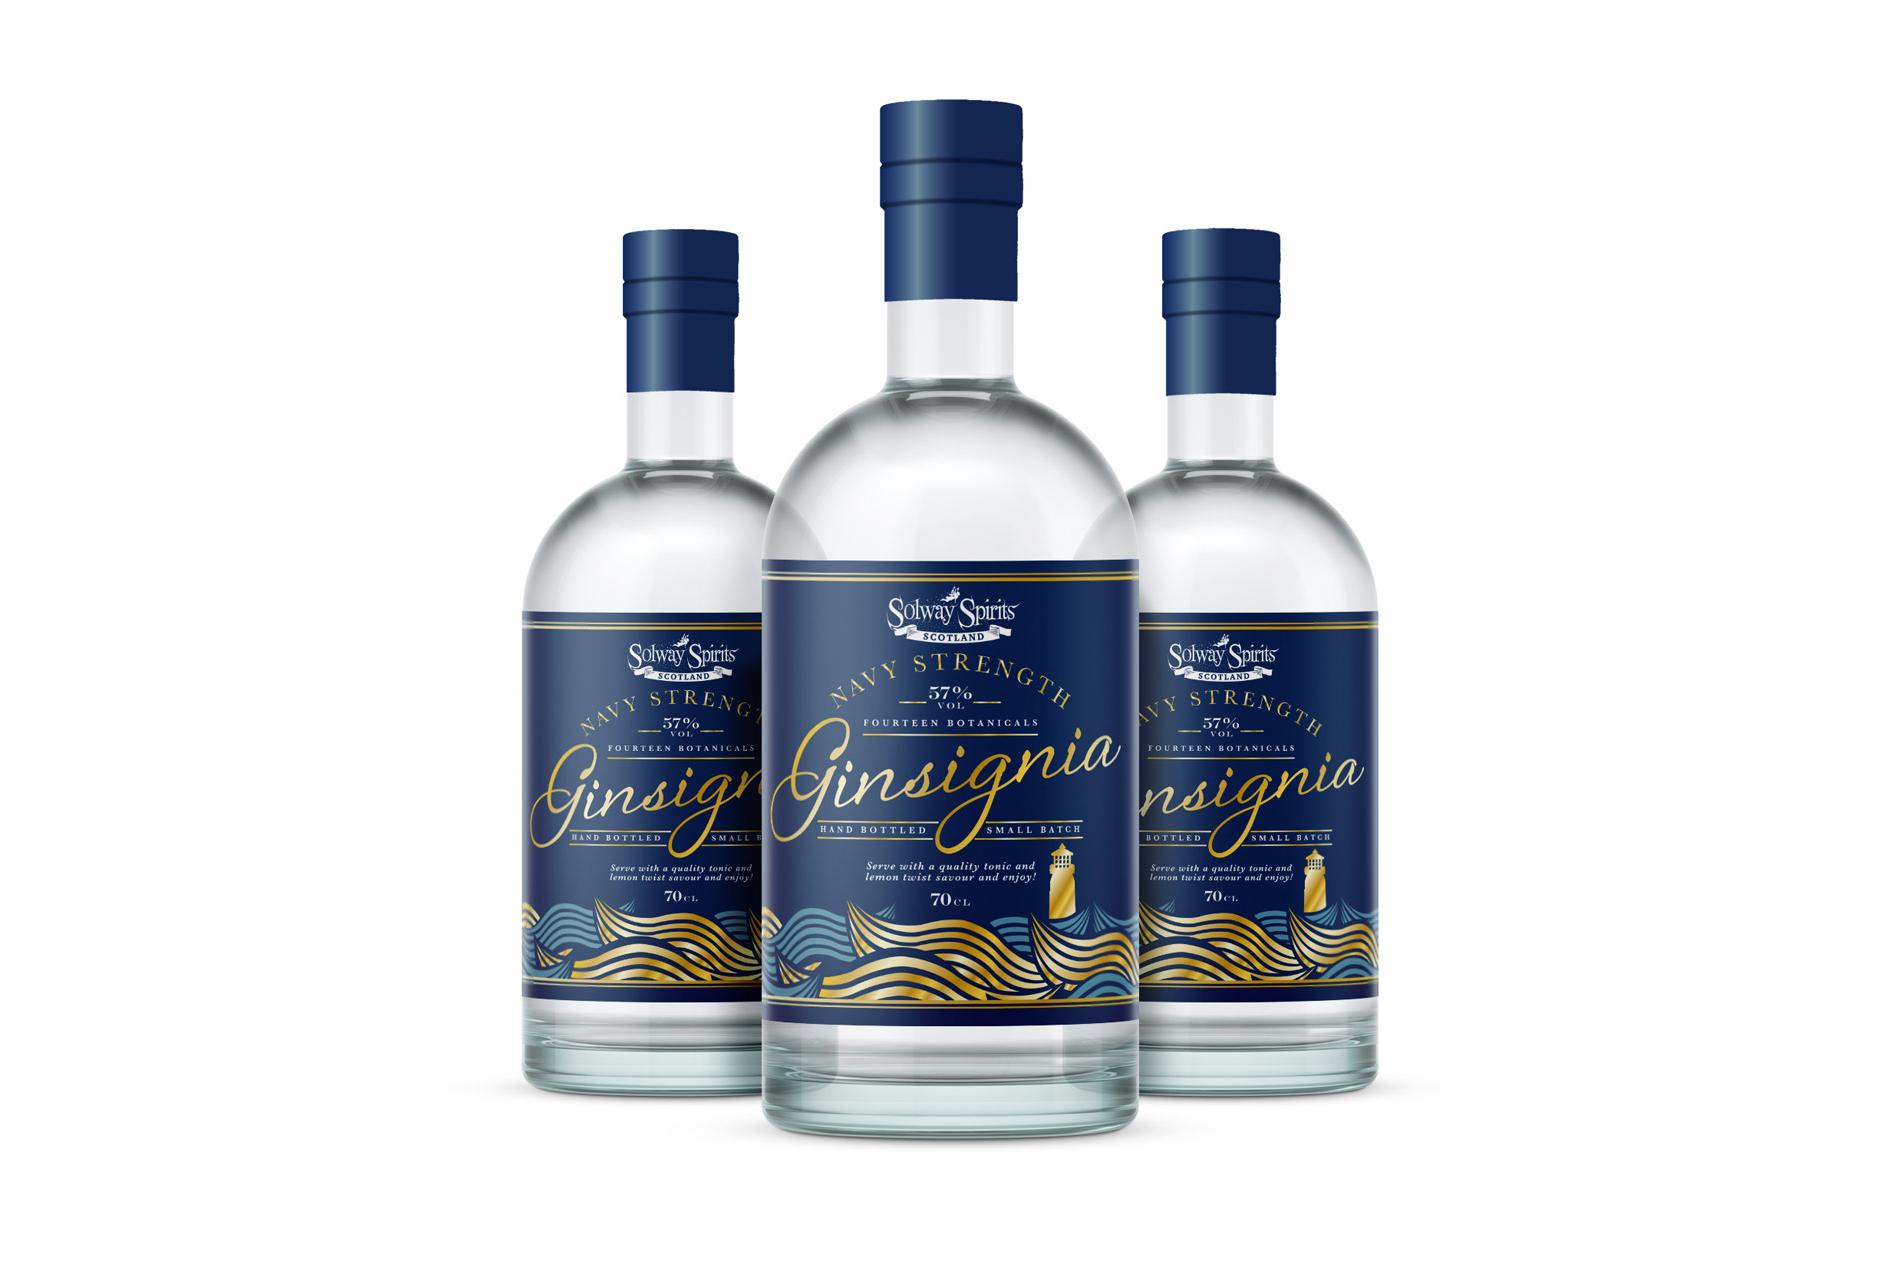 Solway Spirits, Annan, Gin label Design